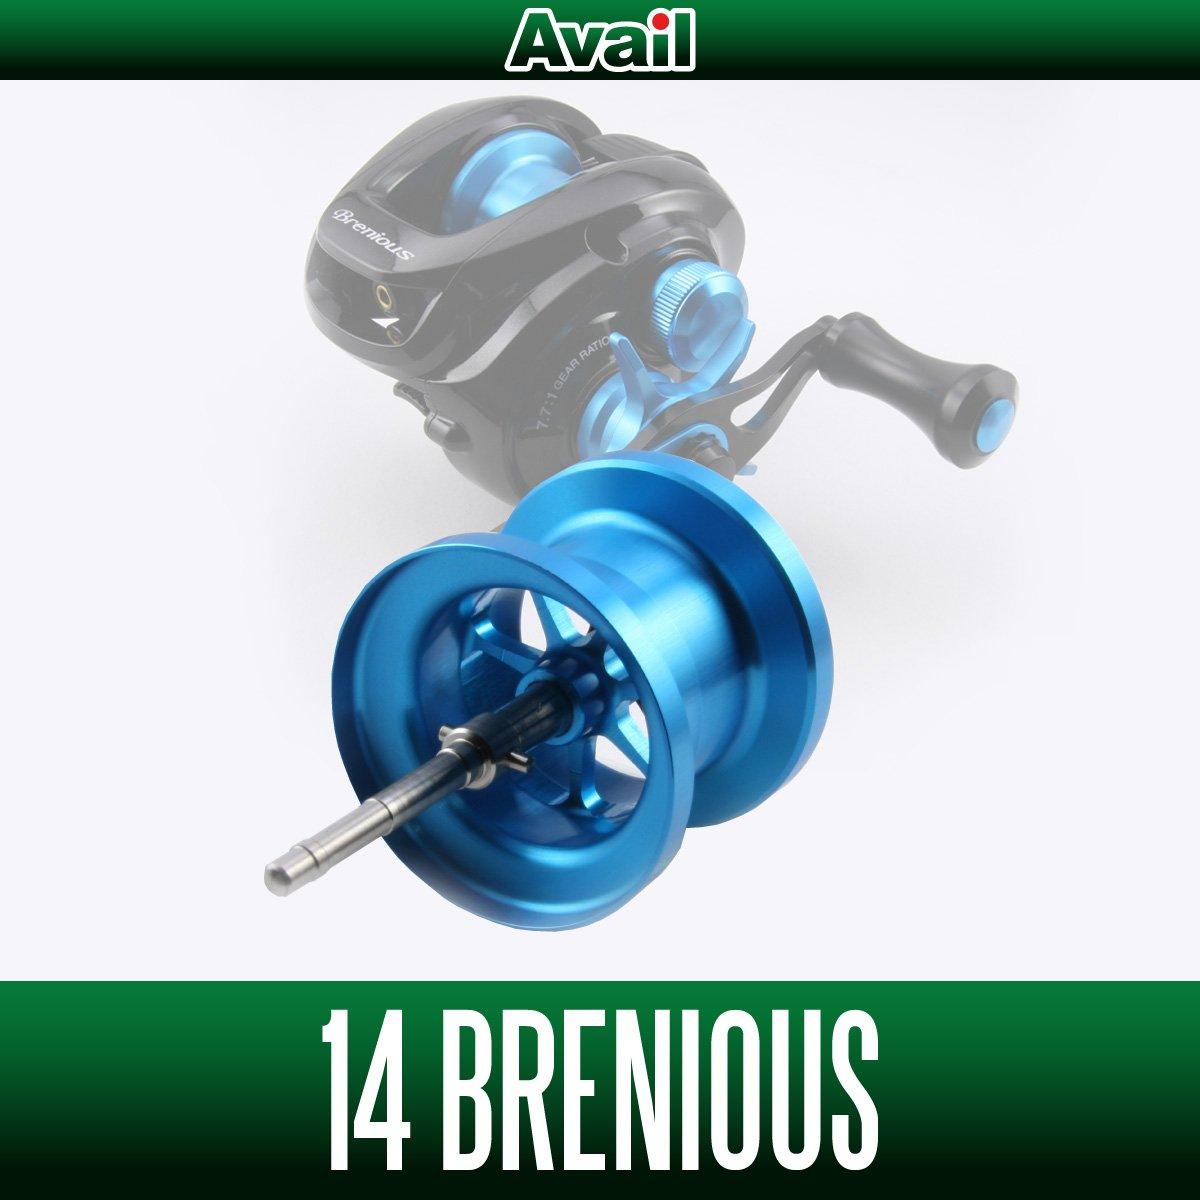 【Avail/アベイル】 シマノ 14ブレニアス用 マイクロキャストスプール BRN1448R スカイブルー   B015GIBGVM